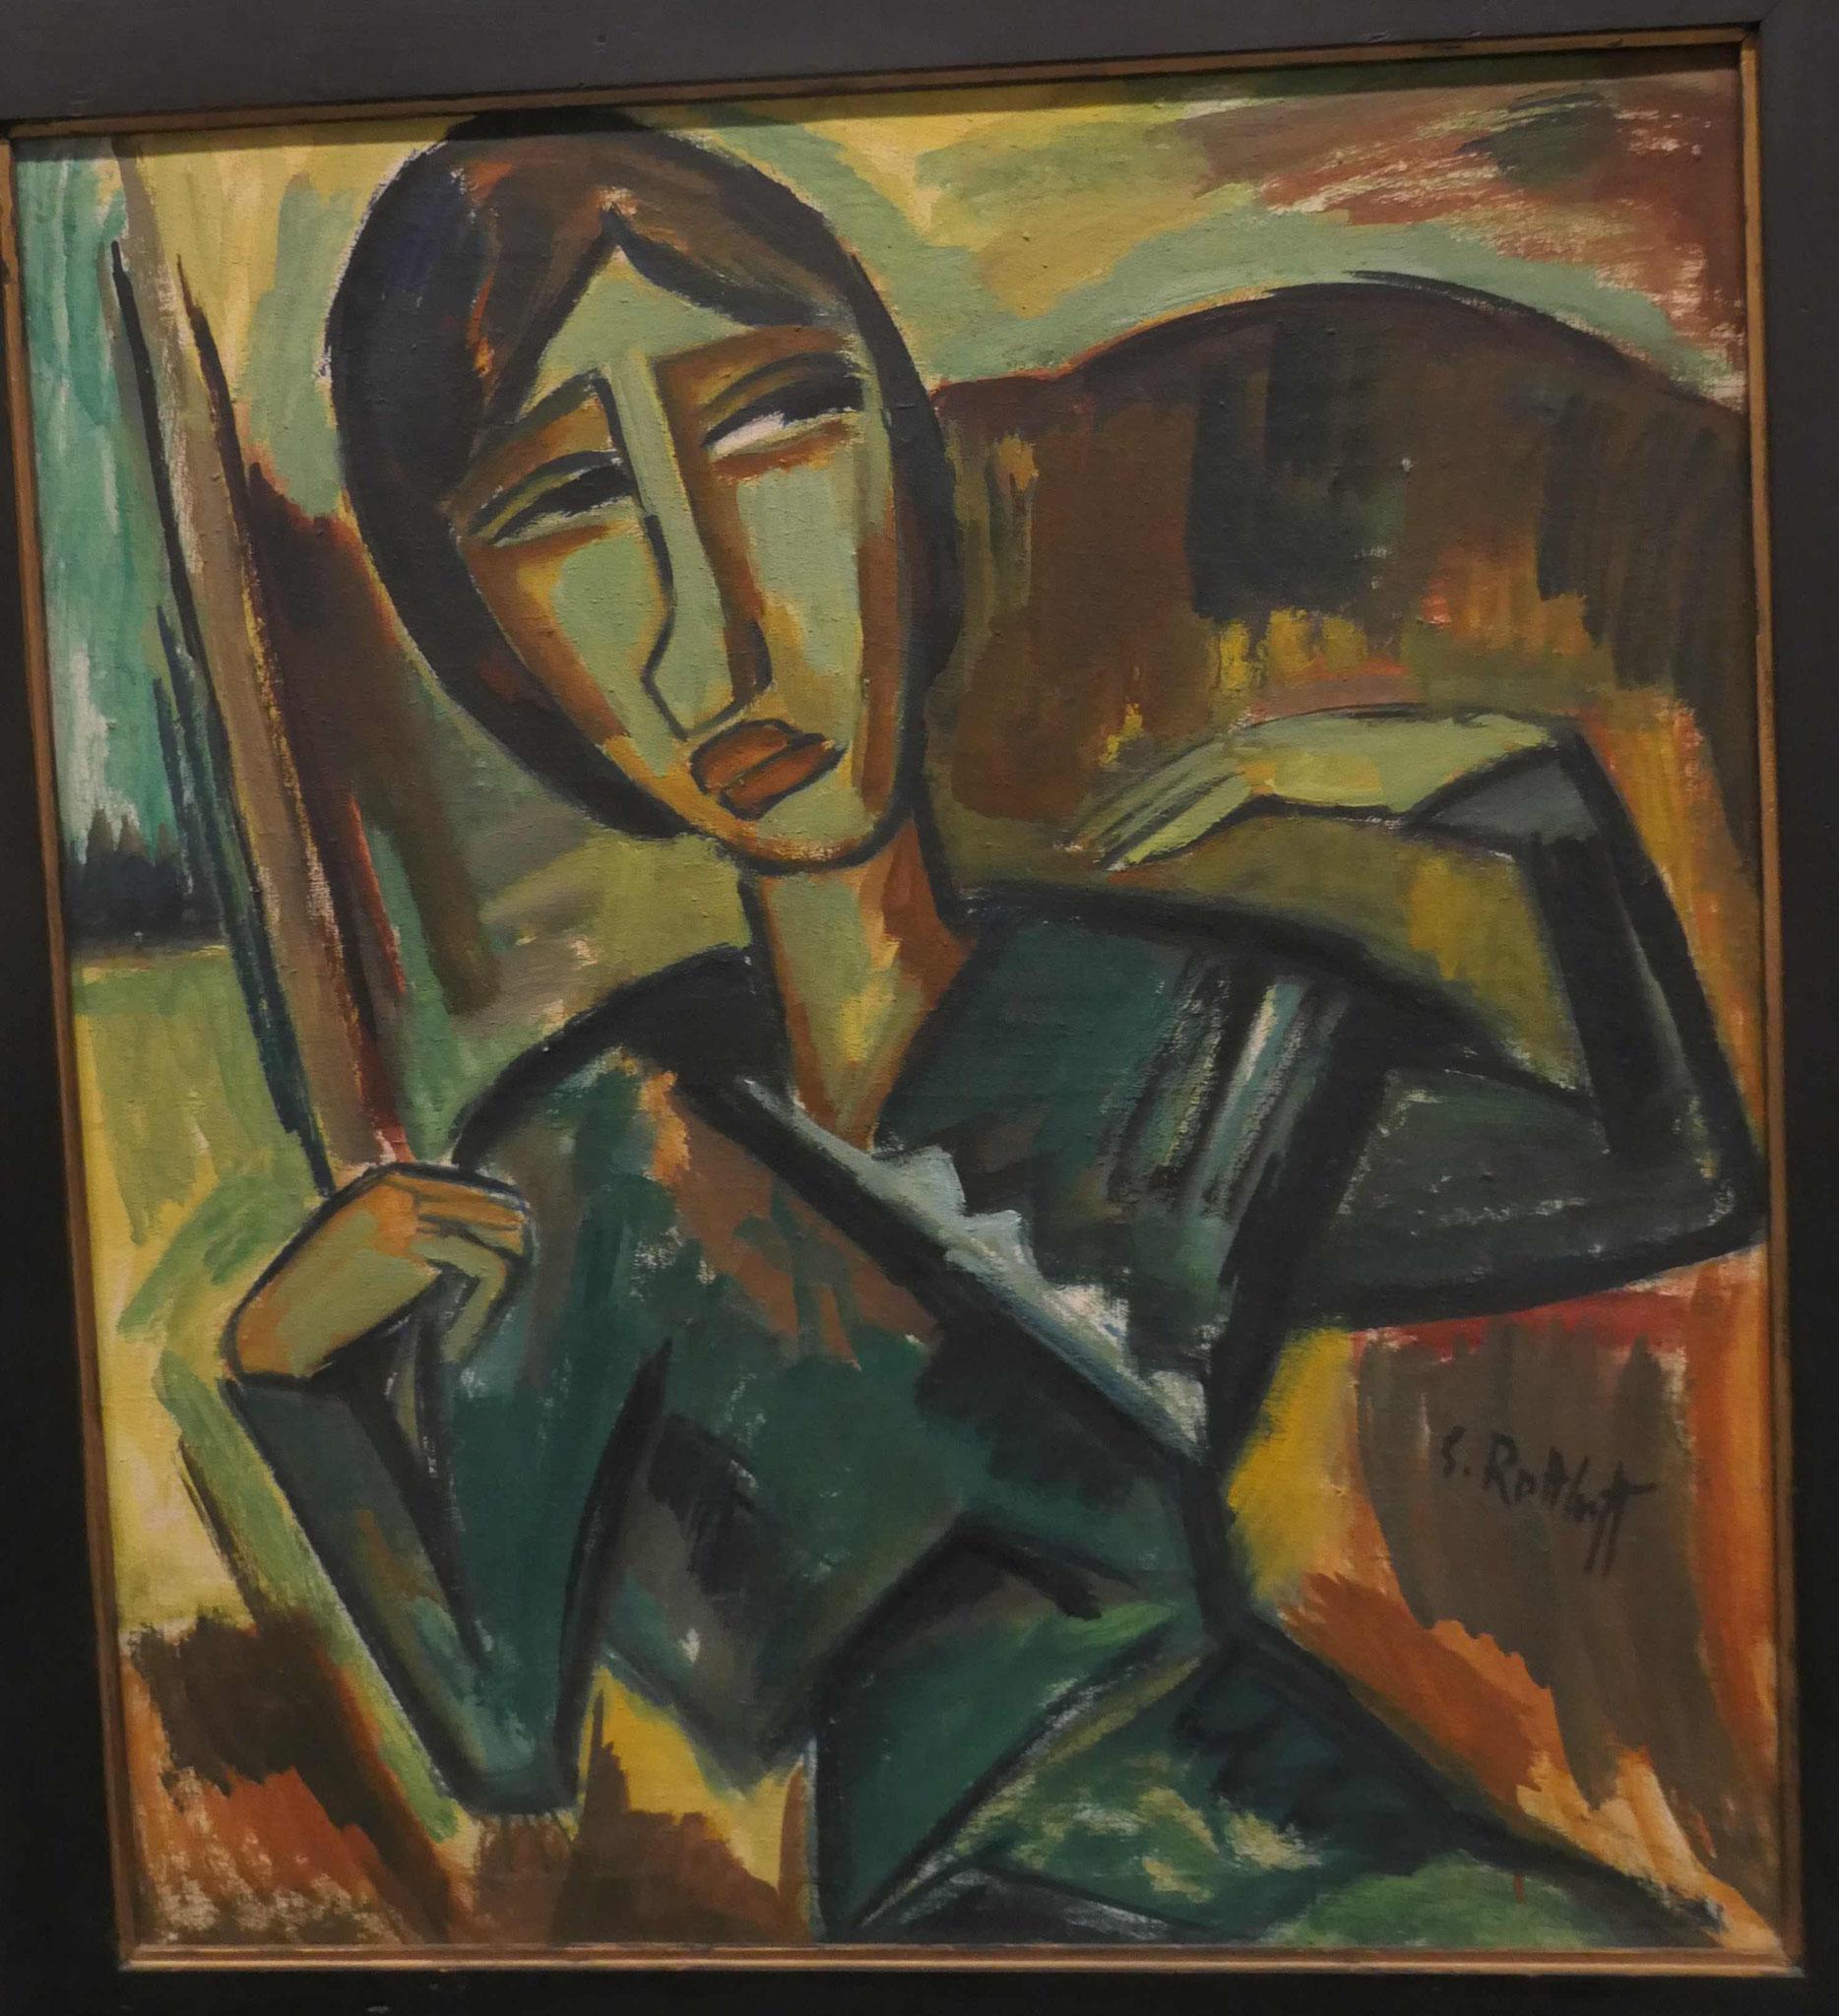 Karl Schmidt-Rotluff, Grünes Mädchen, 1915, Neue Nationalgalerie Berlin